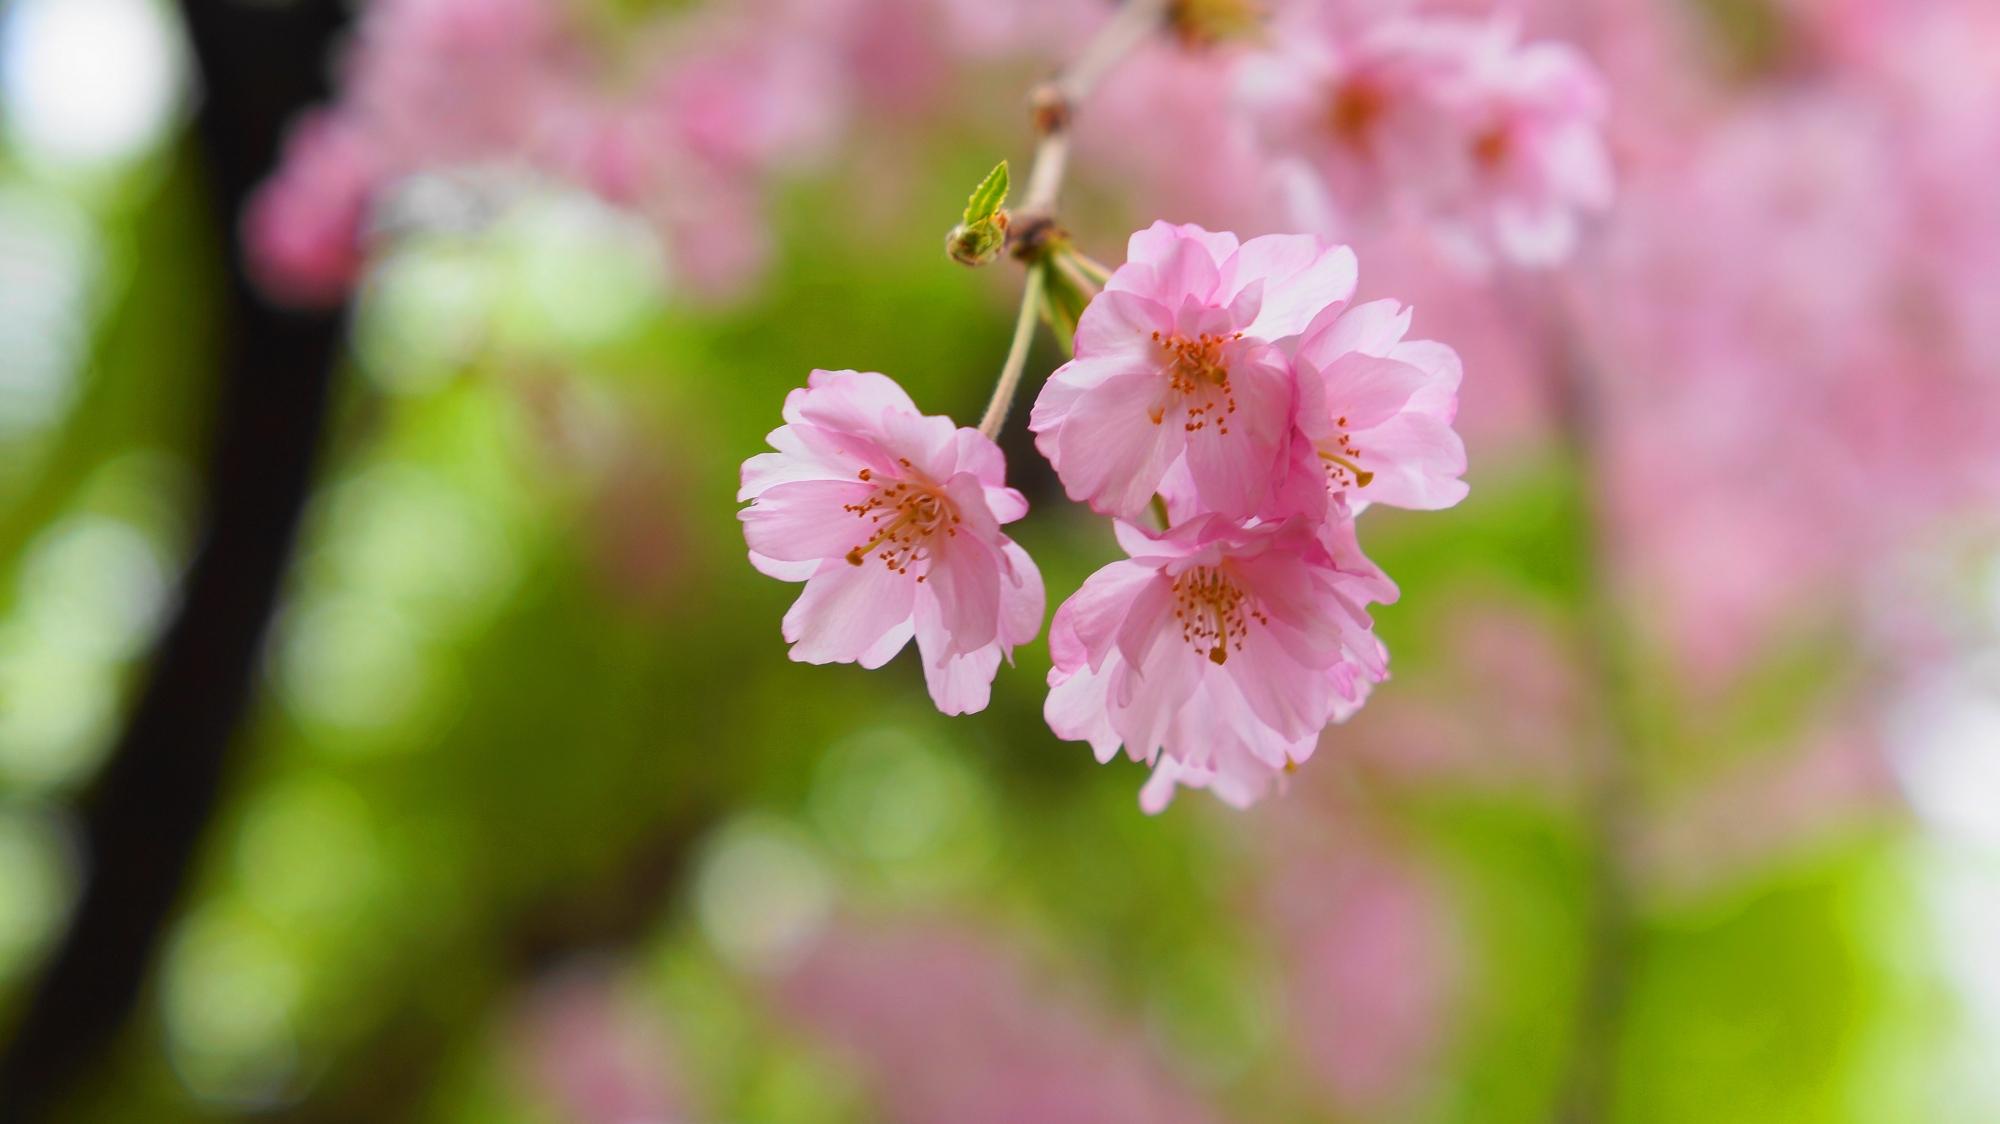 祇園白川の満開のしだれ桜と柳のコラボレーション